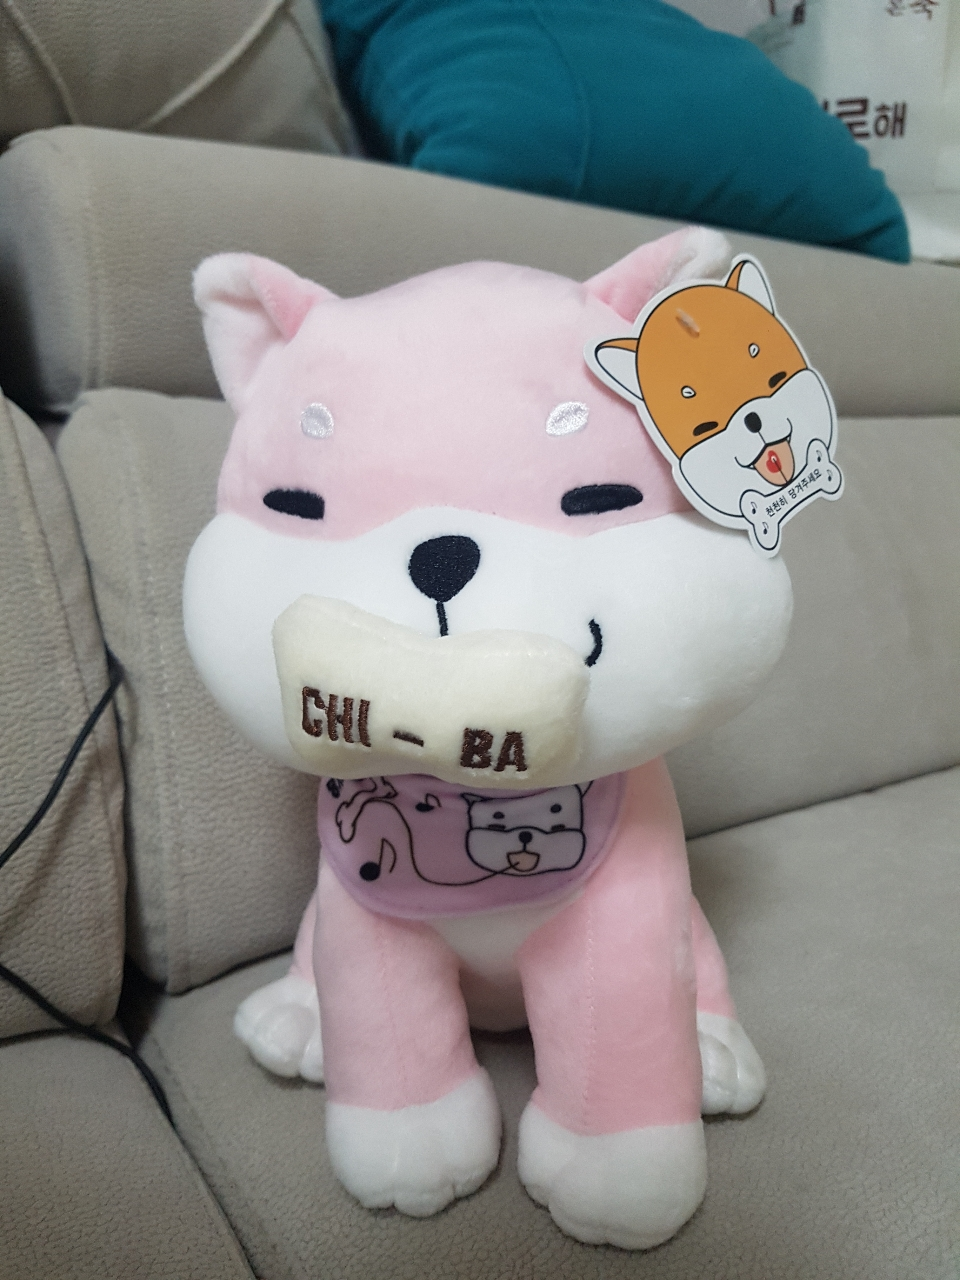 소리나는 당겨시바~~강아지인형^^!